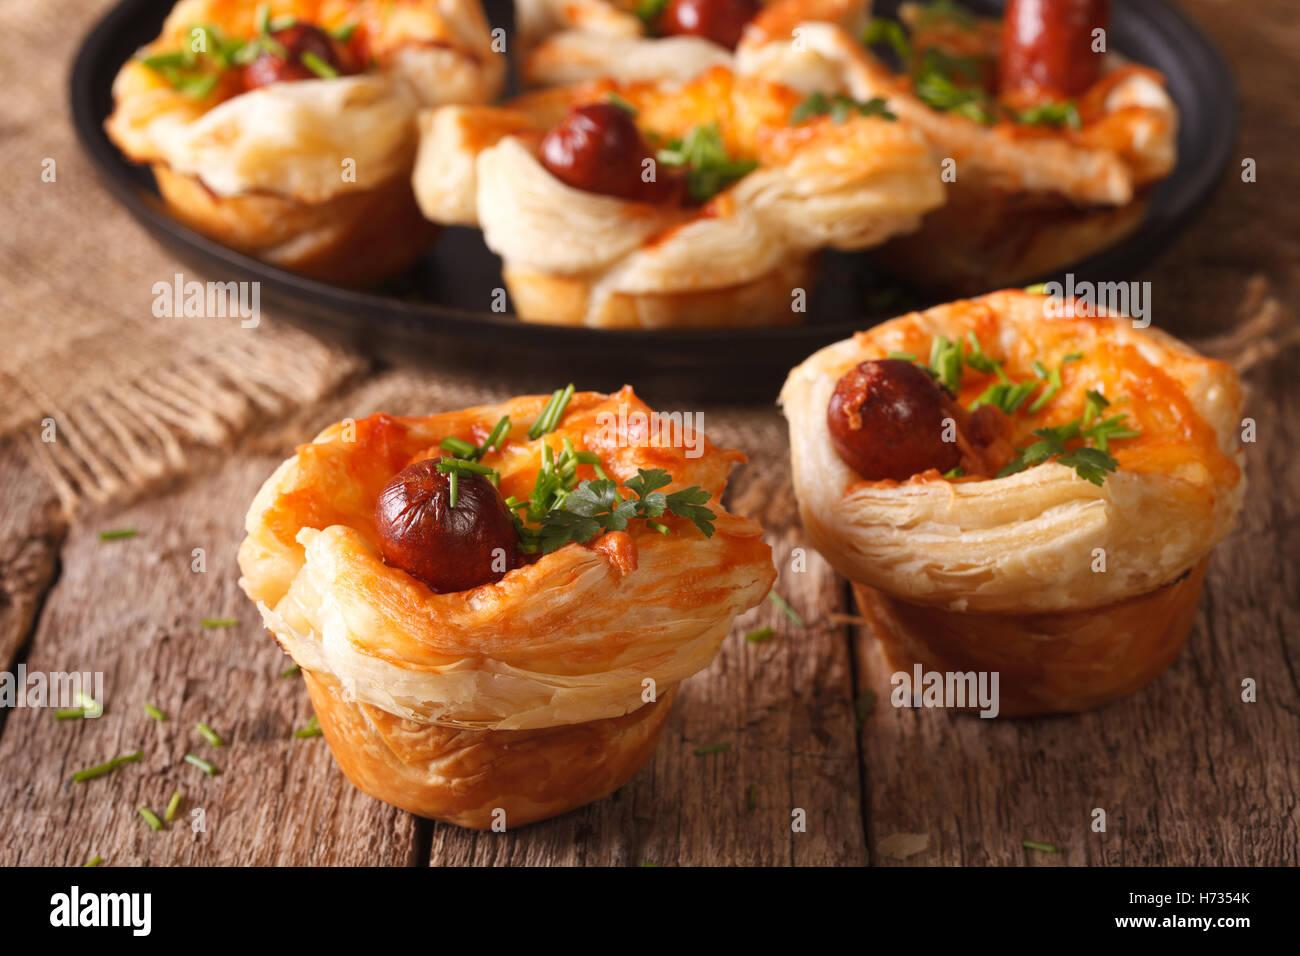 Bollos de hojaldre con salchichas y queso de cerca en la tabla. Horizontal Imagen De Stock